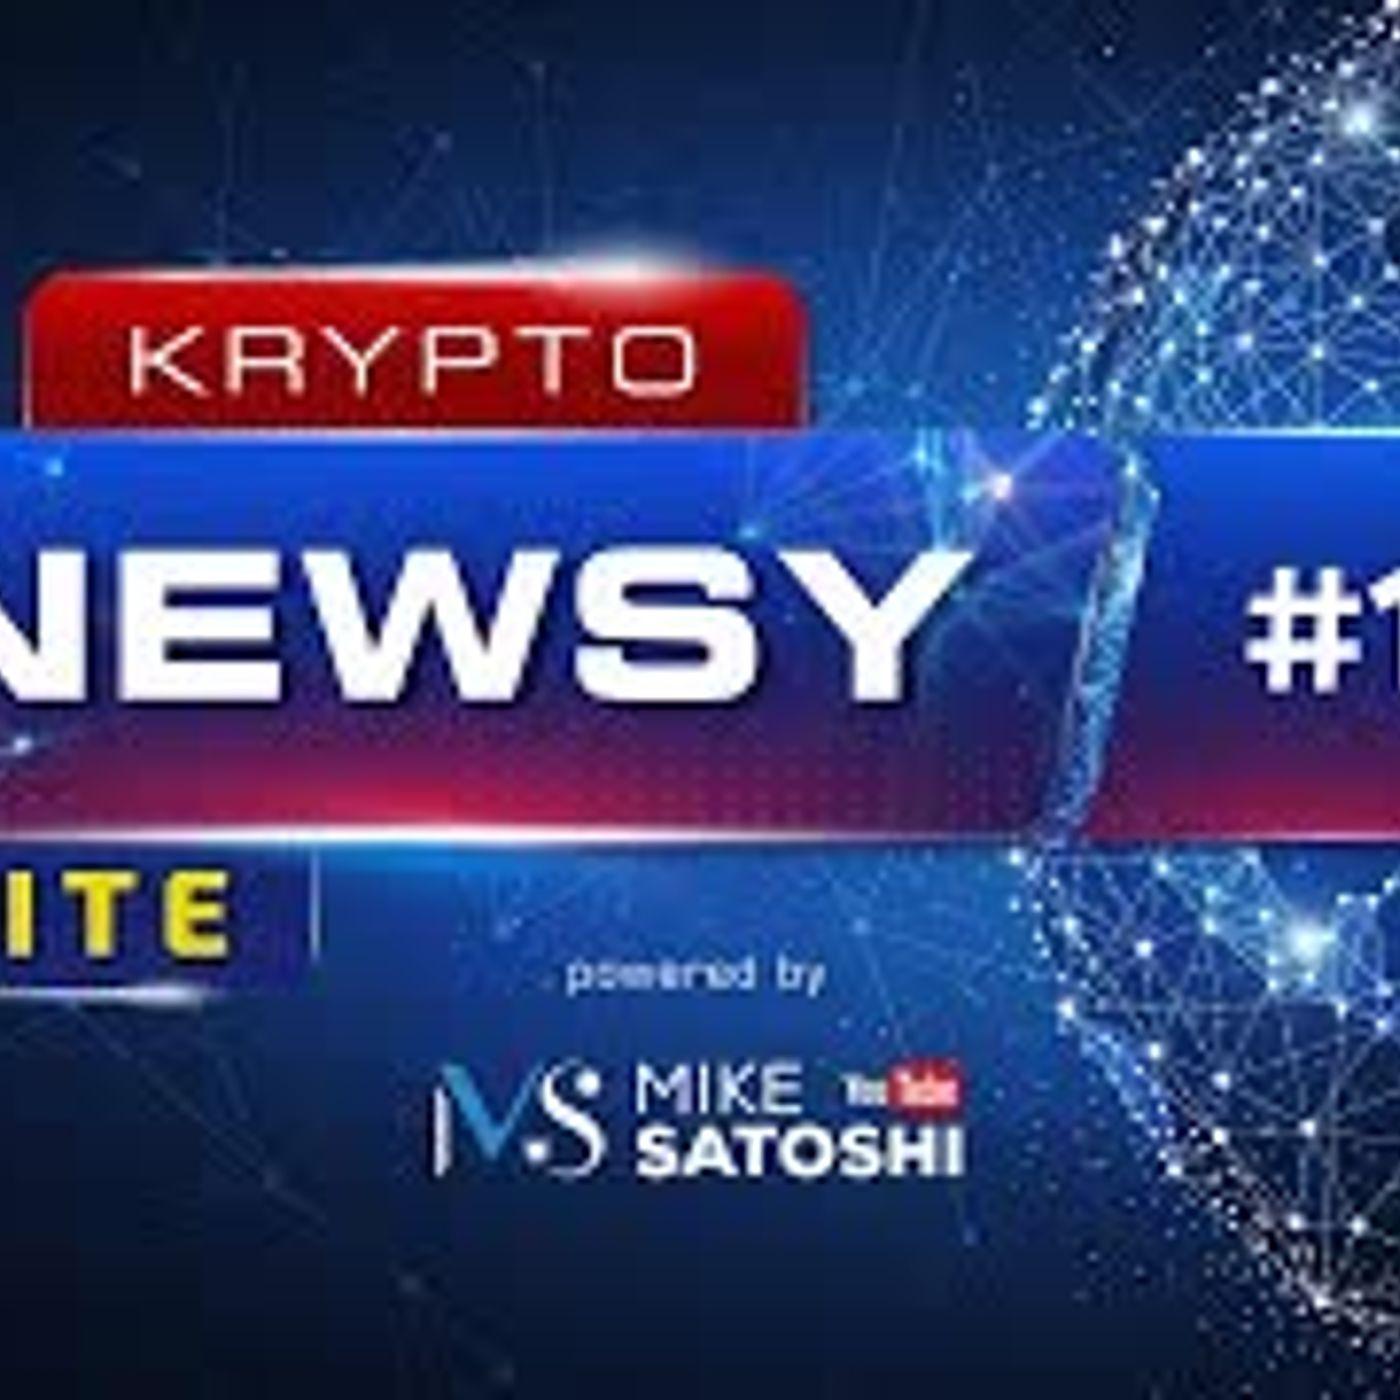 Krypto-Newsy Lite #17 | 12.06.2020 | Bitcoin - kolejne bycze prognozy, Atari powraca z tokenem, Indie zakażą BTC? Algorand i Chainalysis